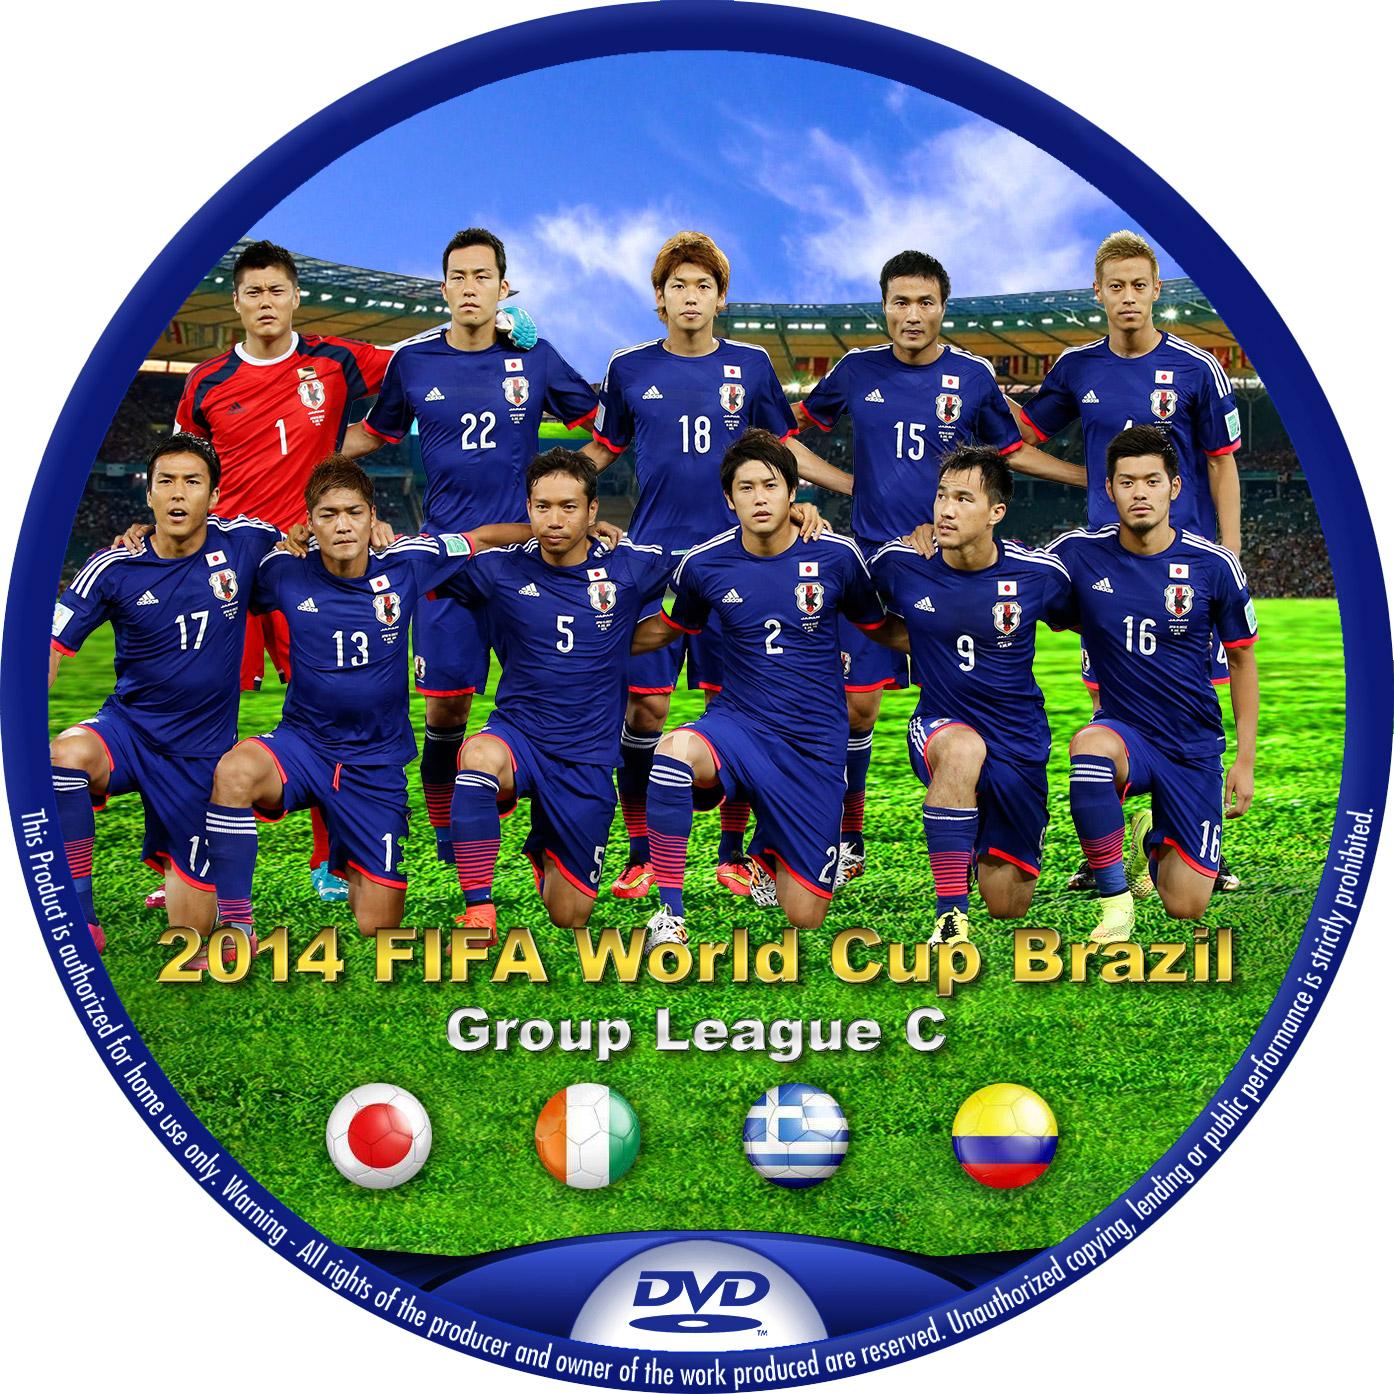 ワールドカップ 2014 ブラジル 日本代表 グループC DVDラベル